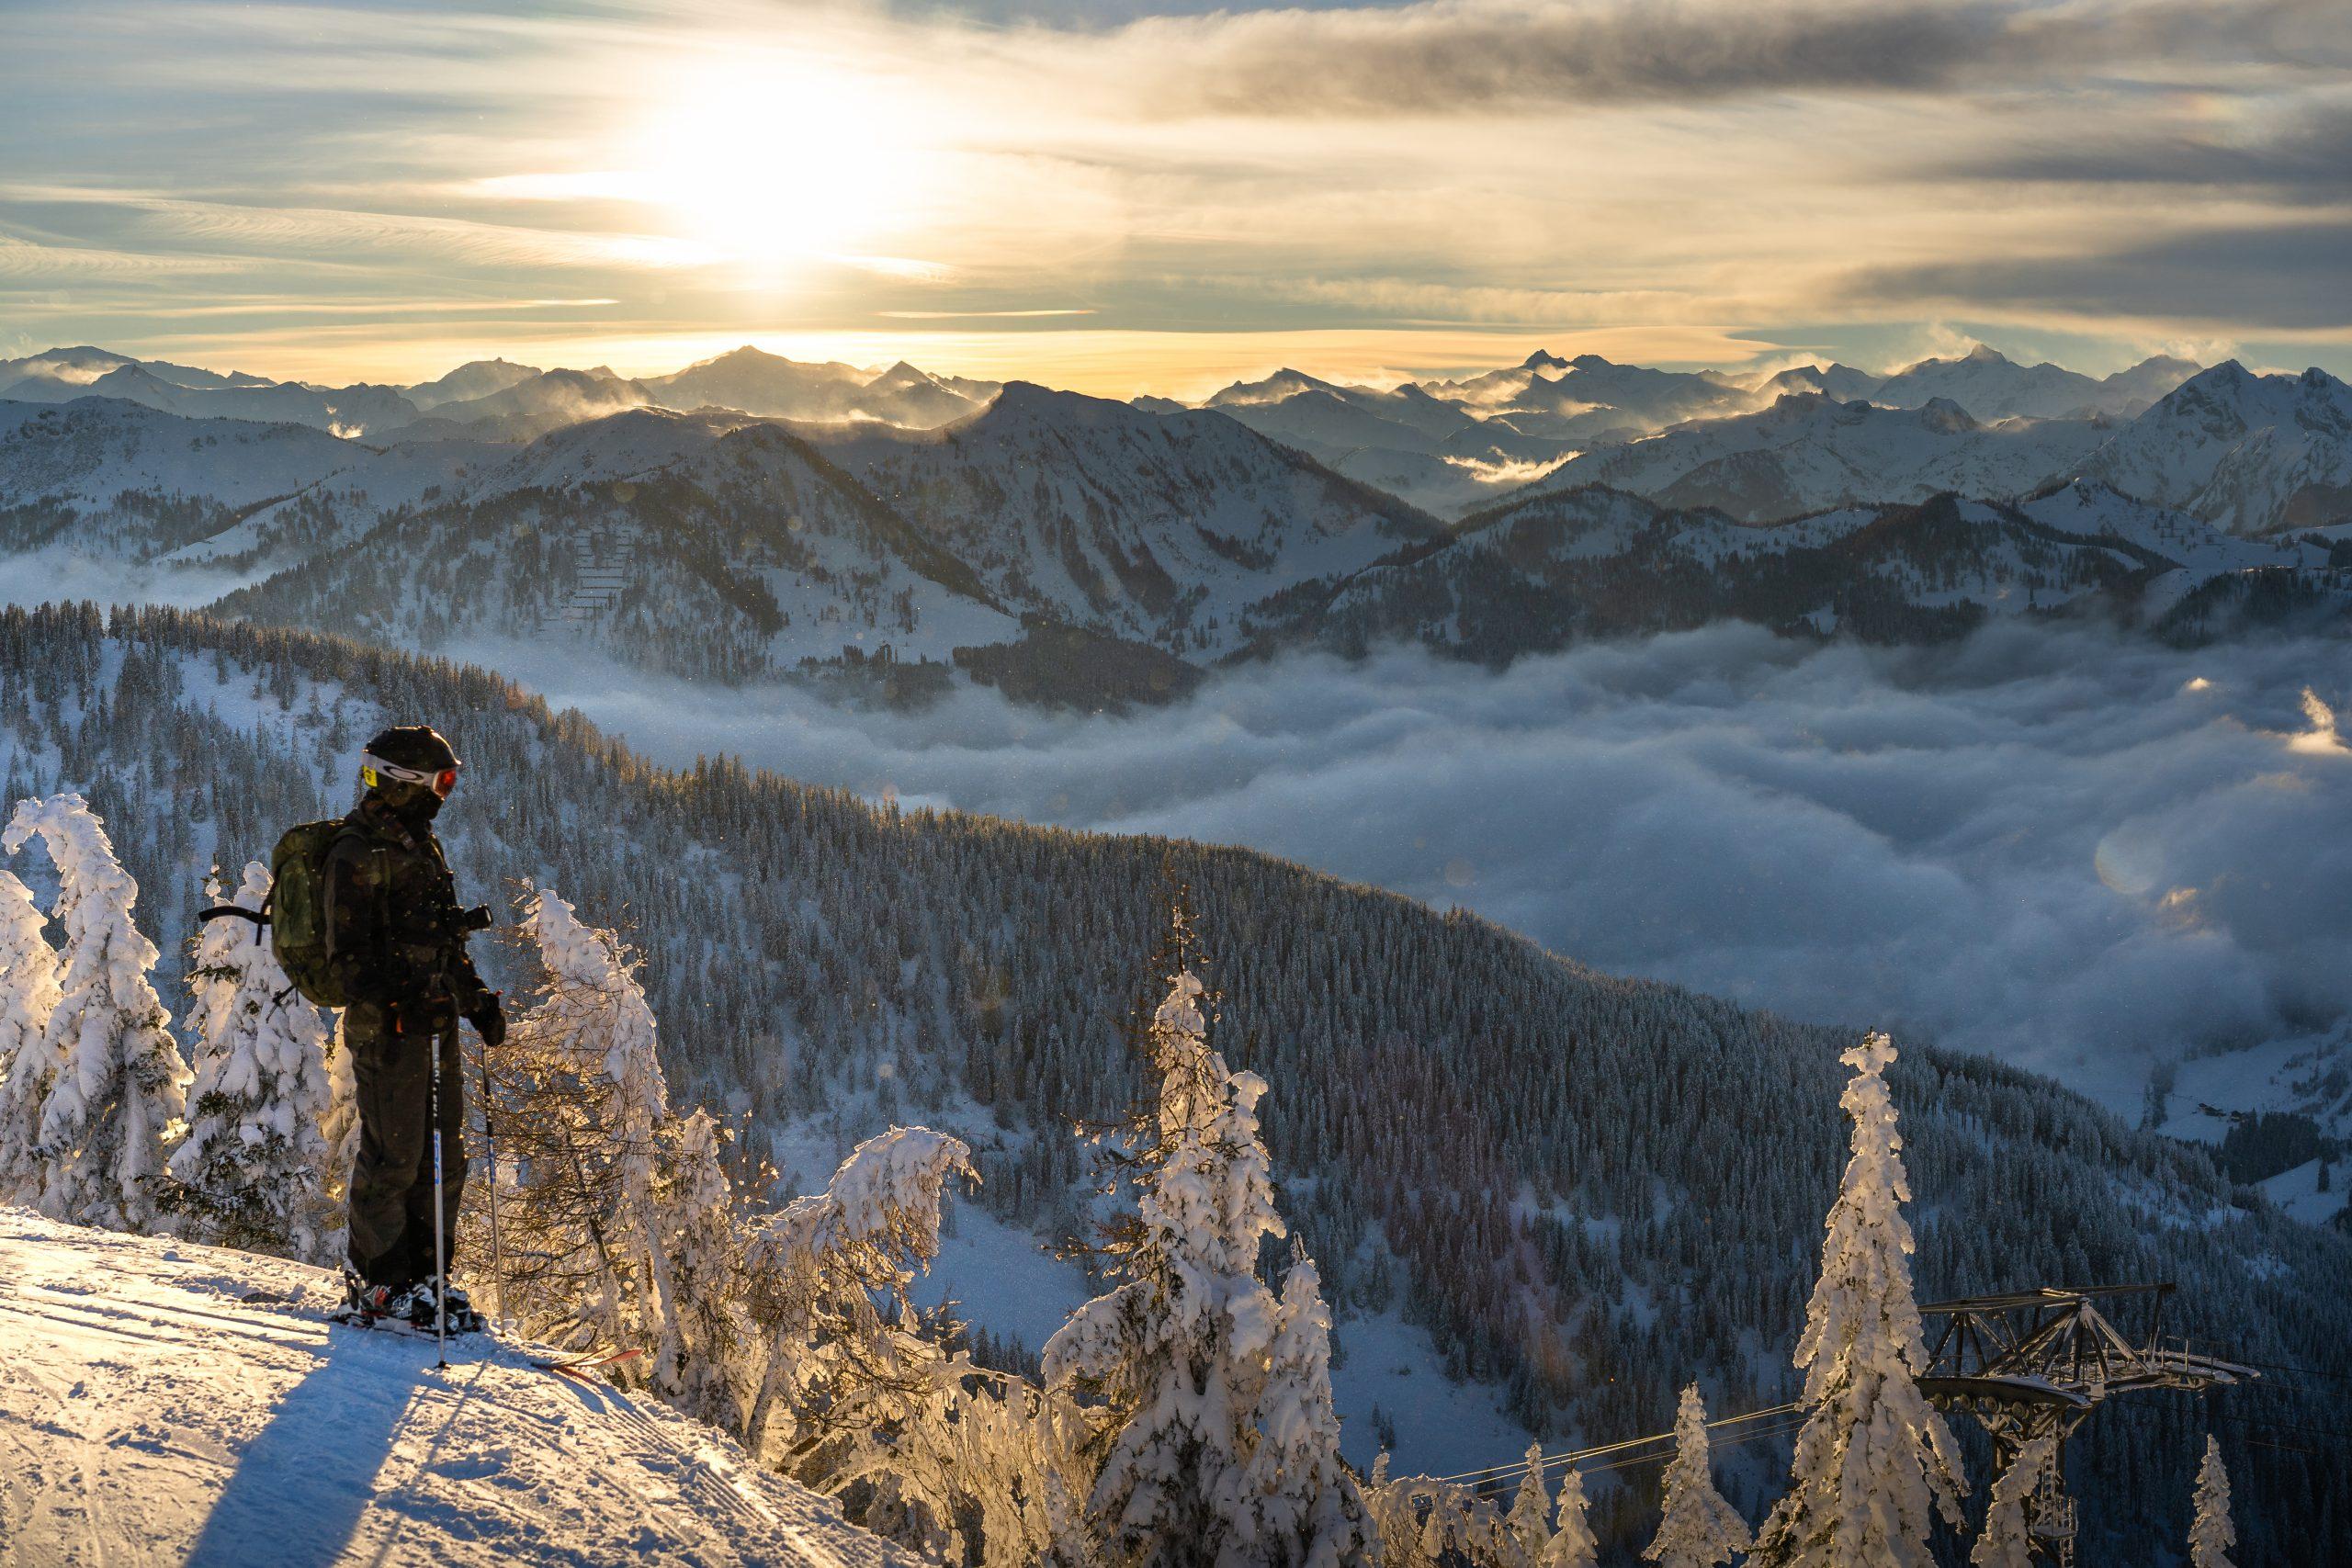 Danmarks to største skirejsekoncerner, SkiGroup og Skinetworks, har midt i højsommeren travlt med at sælge skirejser til vinter. Her er det fra østrigske Wagrain. Foto: Anders Vestergård for Skigroup.dk